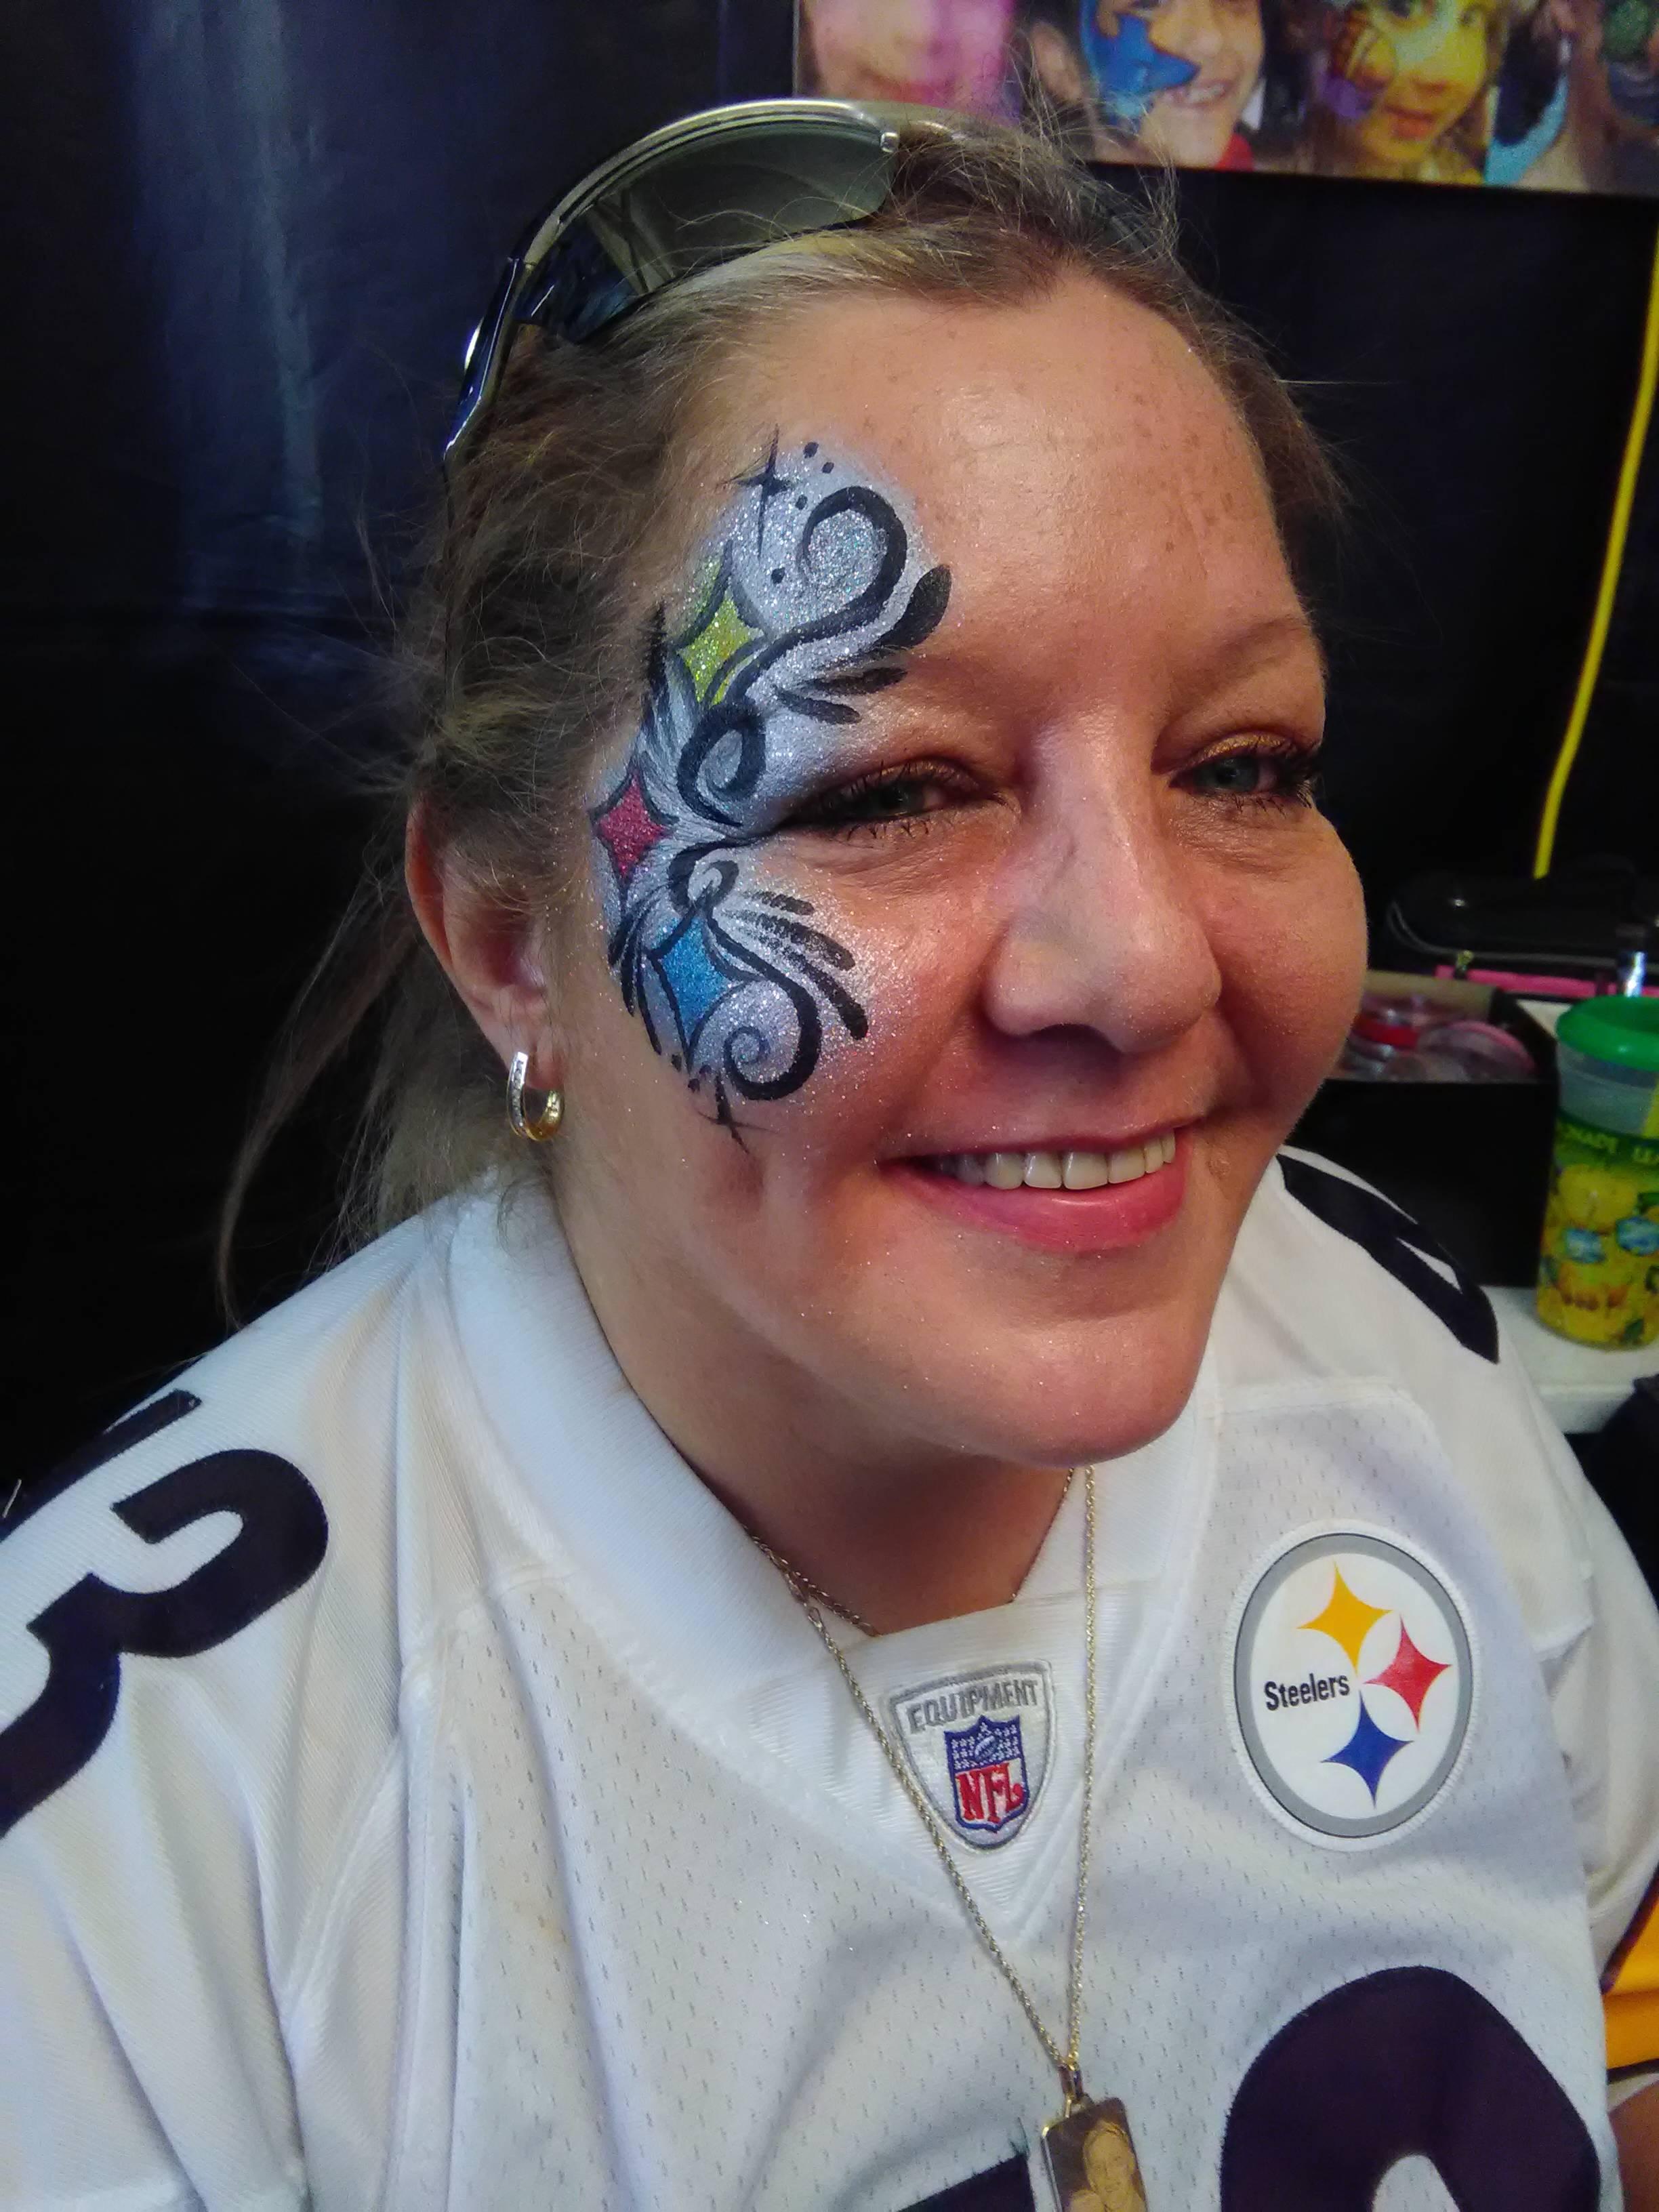 Steelers fan face painting